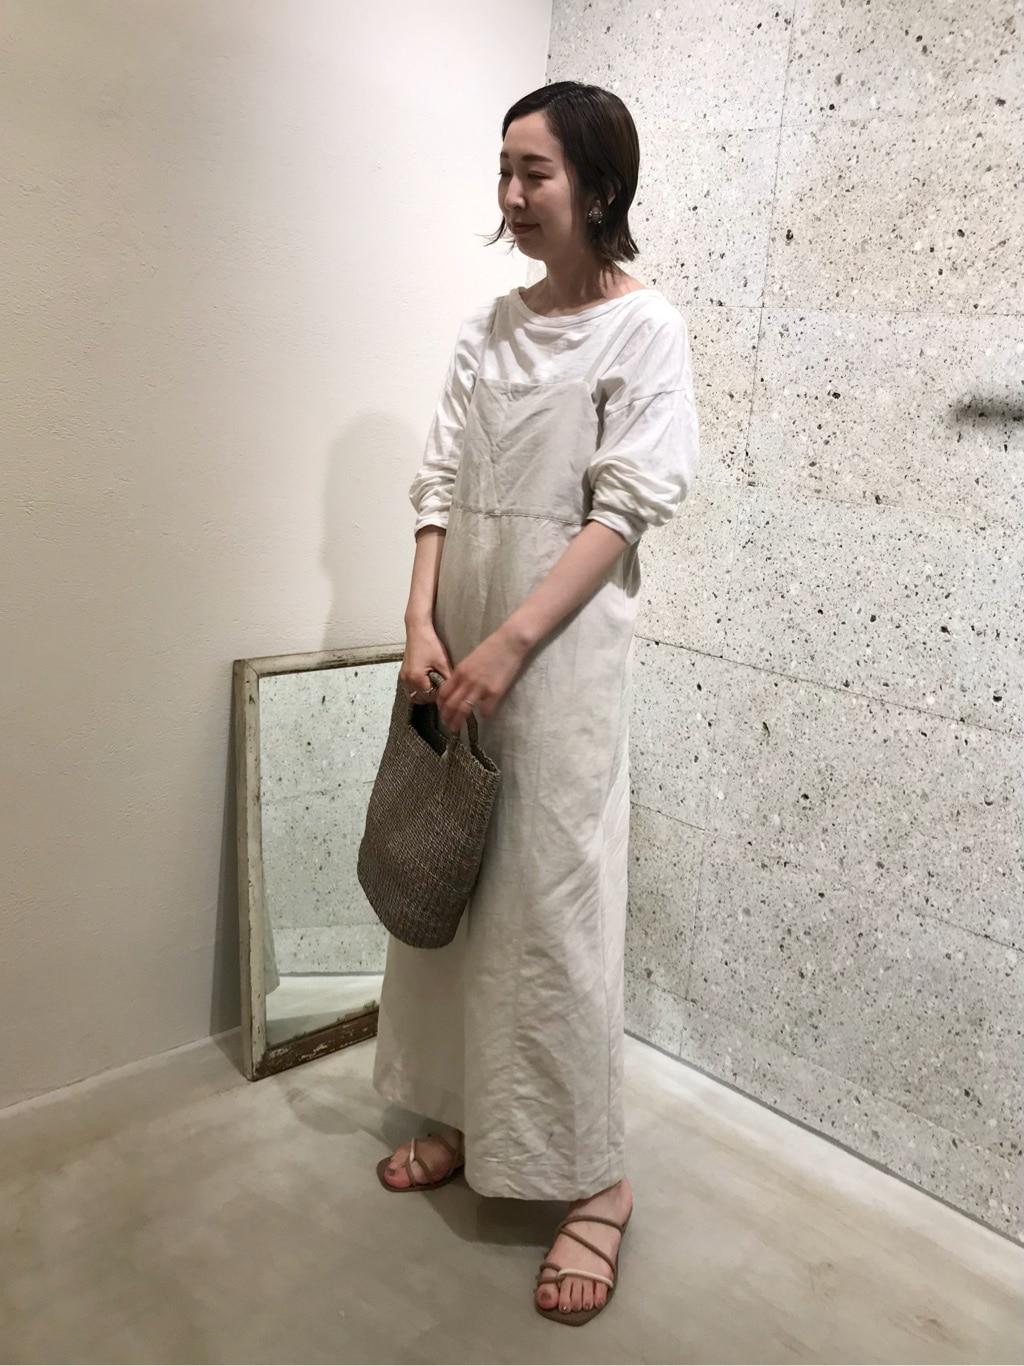 yuni ニュウマン横浜 身長:155cm 2021.05.28